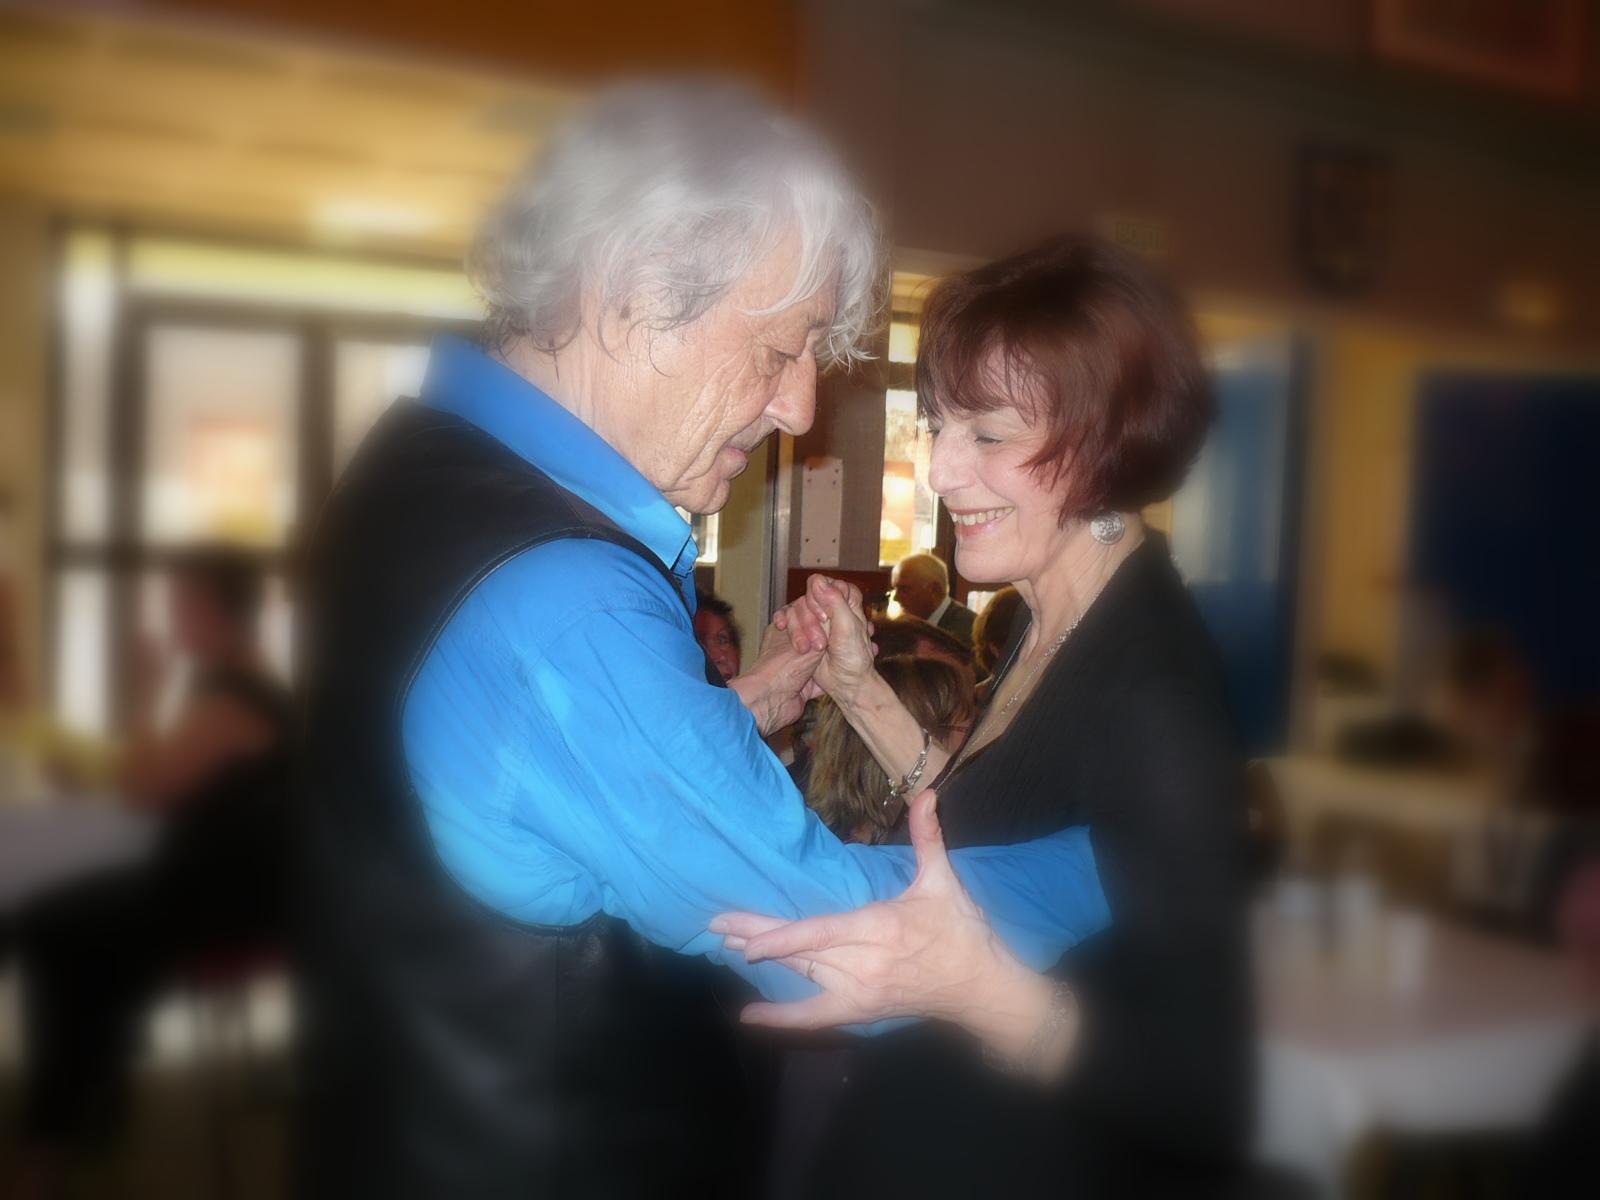 Le blog de la danse de salon mars 2010 for Blog danse de salon